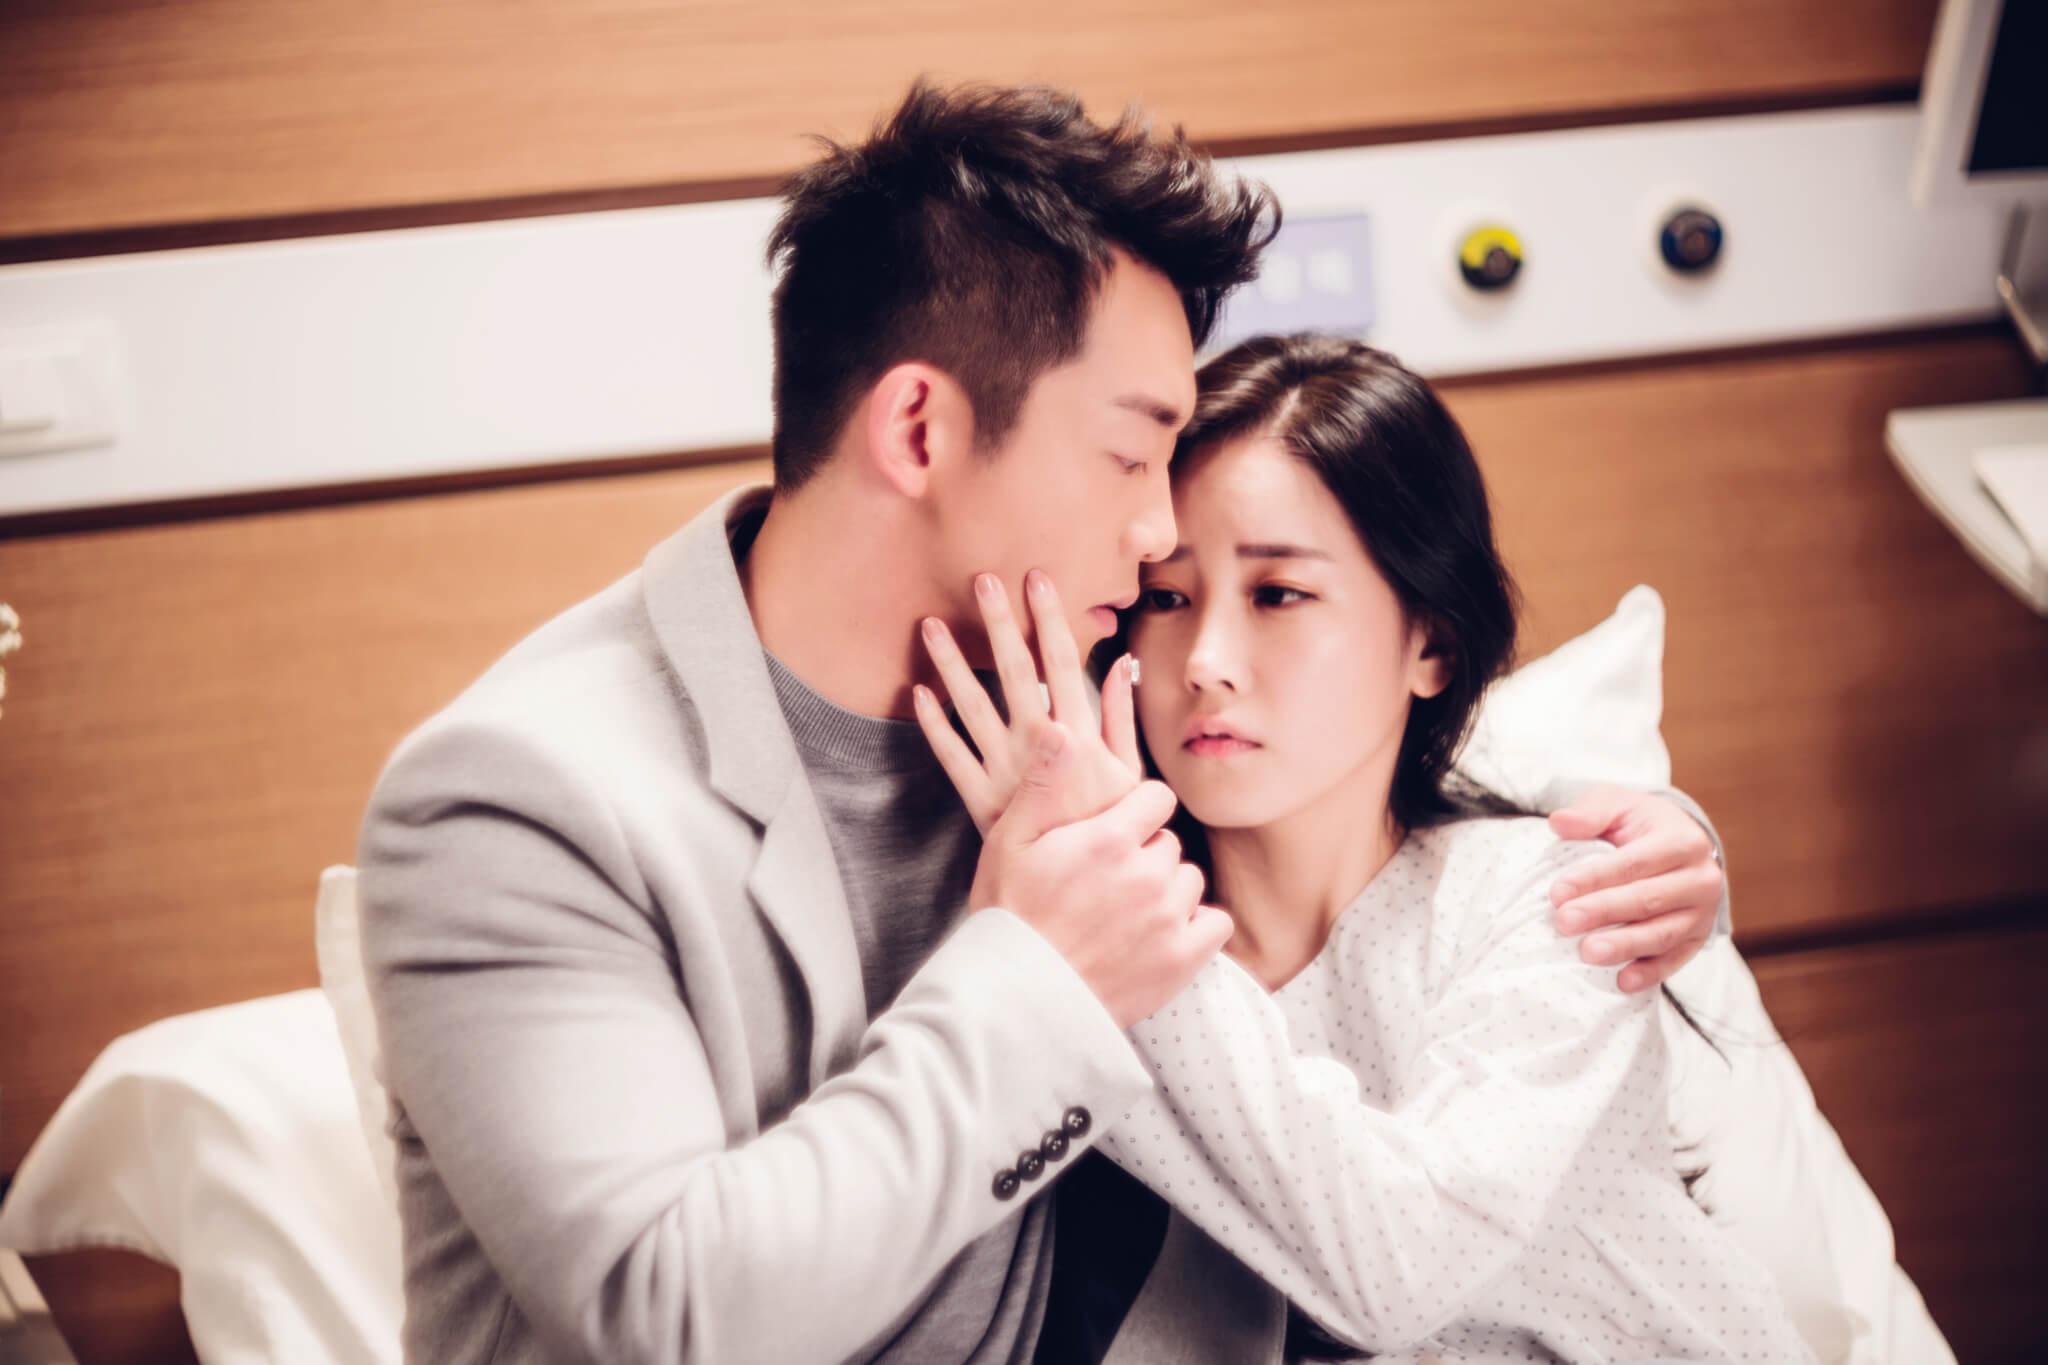 雖然拍攝只進行了一天,但昭妍已對拍檔鄭愷讚不絕口。